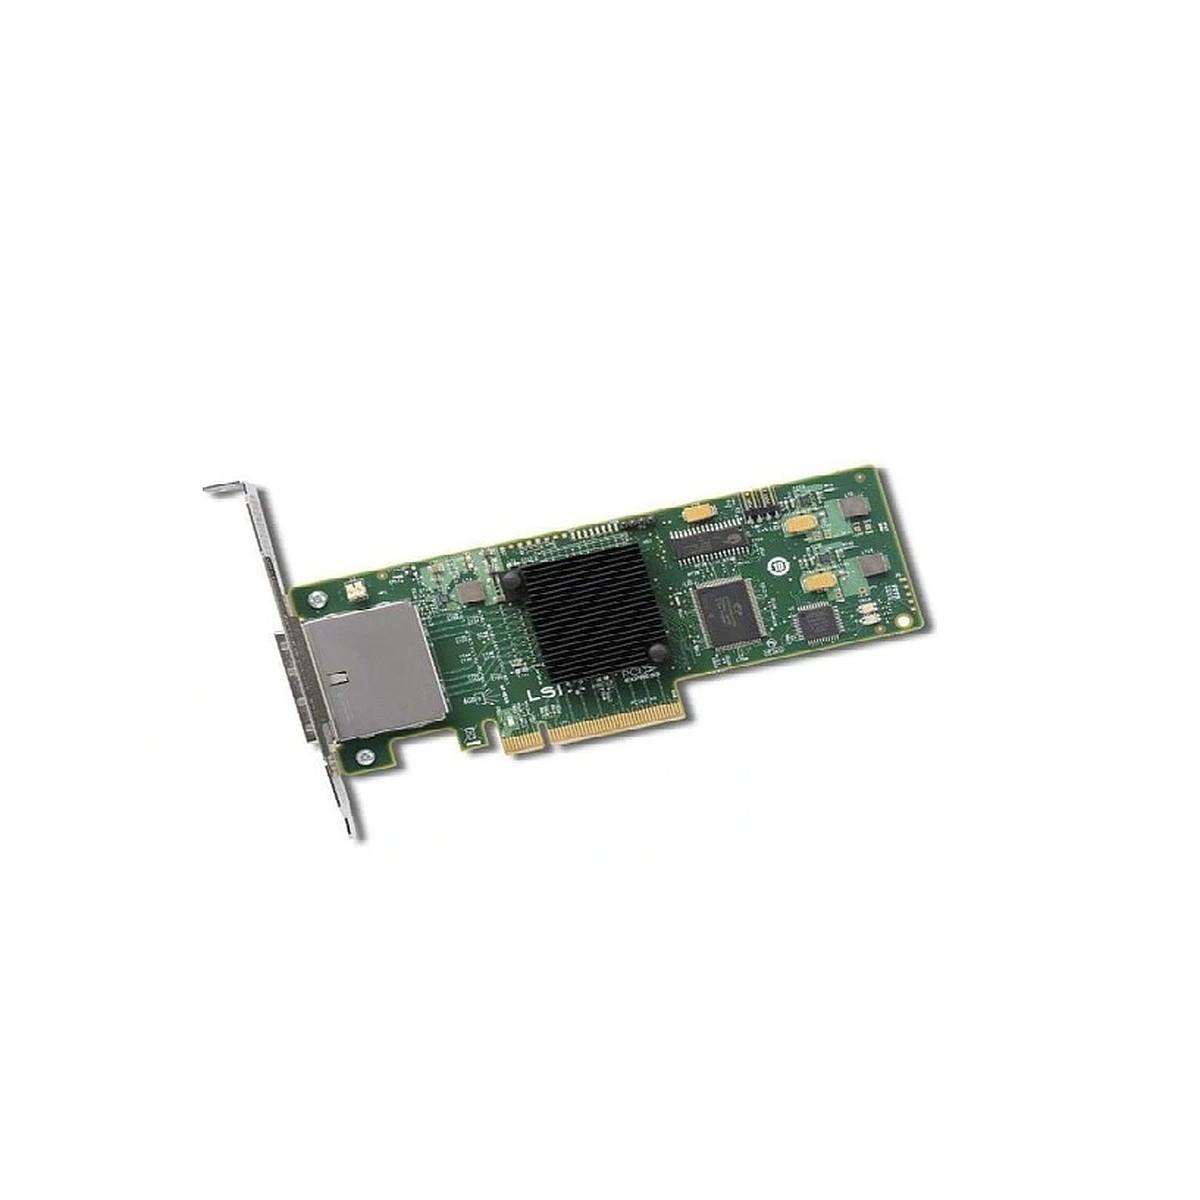 """DYSK DELL 100GB SSD SATA 3G 2,5"""" DYW42 Z RAMKA"""